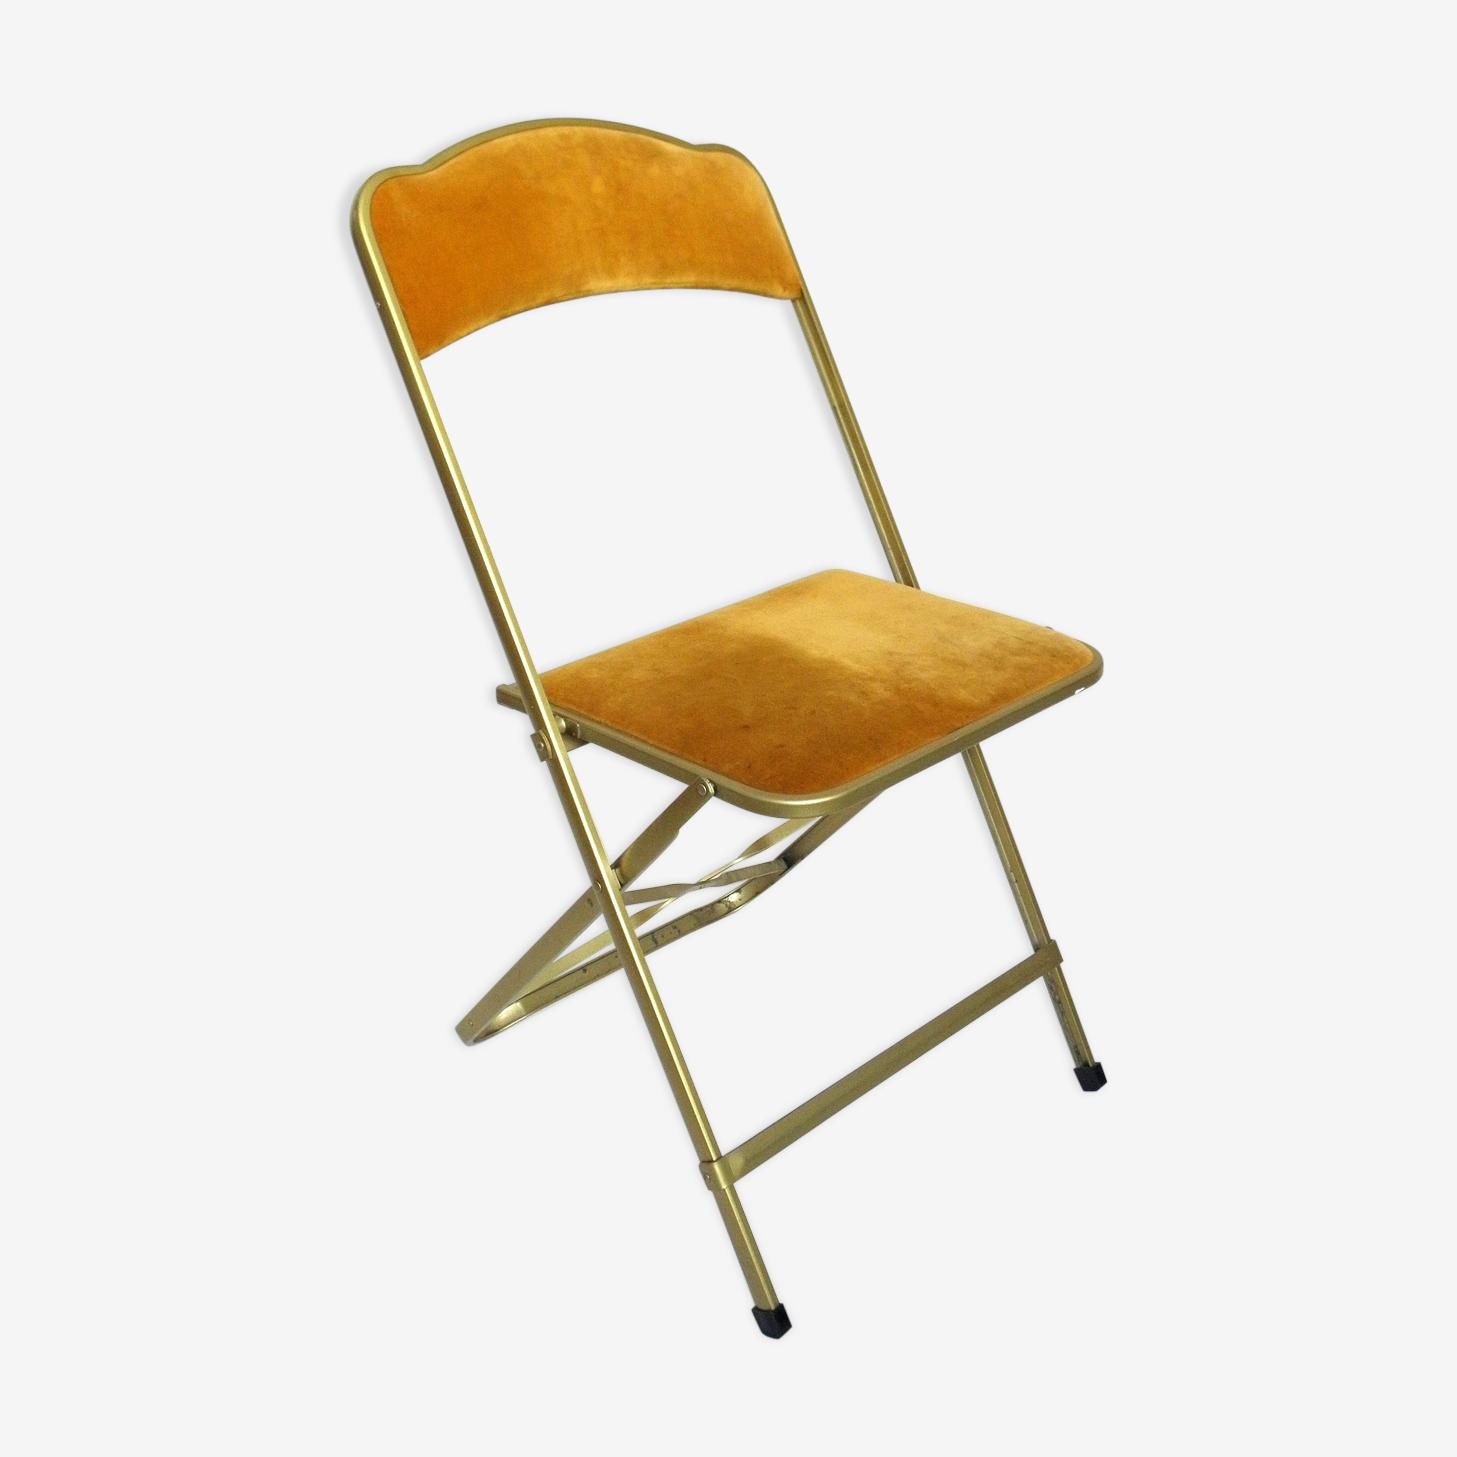 Chaise pliante en velours et métal doré